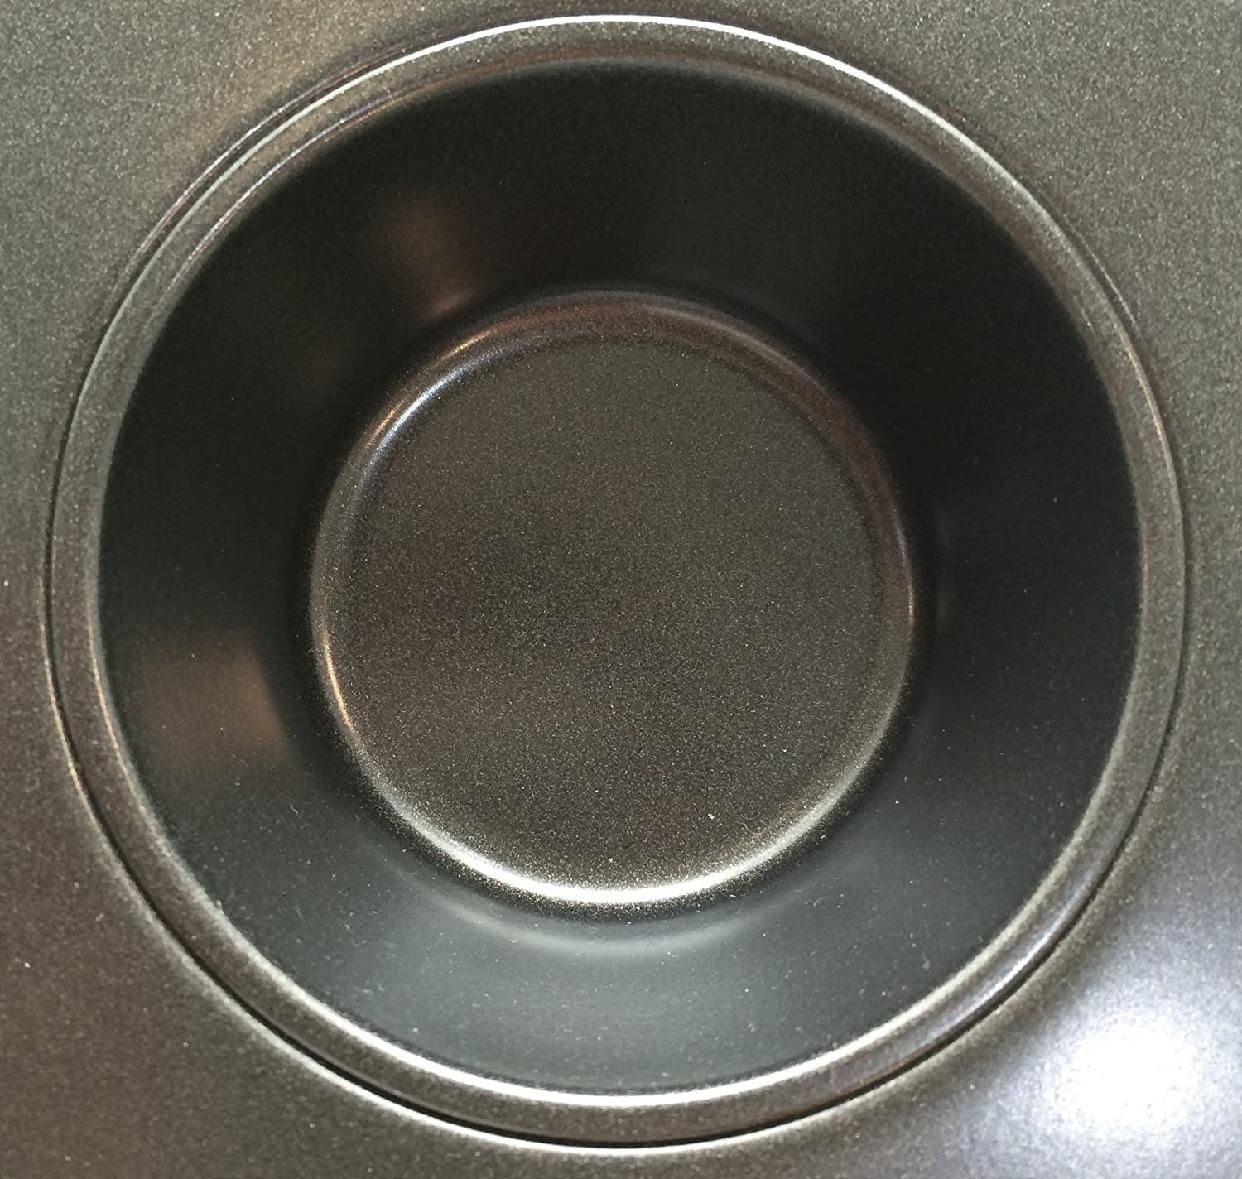 EEスイーツ(イーイースイーツ)マフィン型 D-4838 ブラックの商品画像4